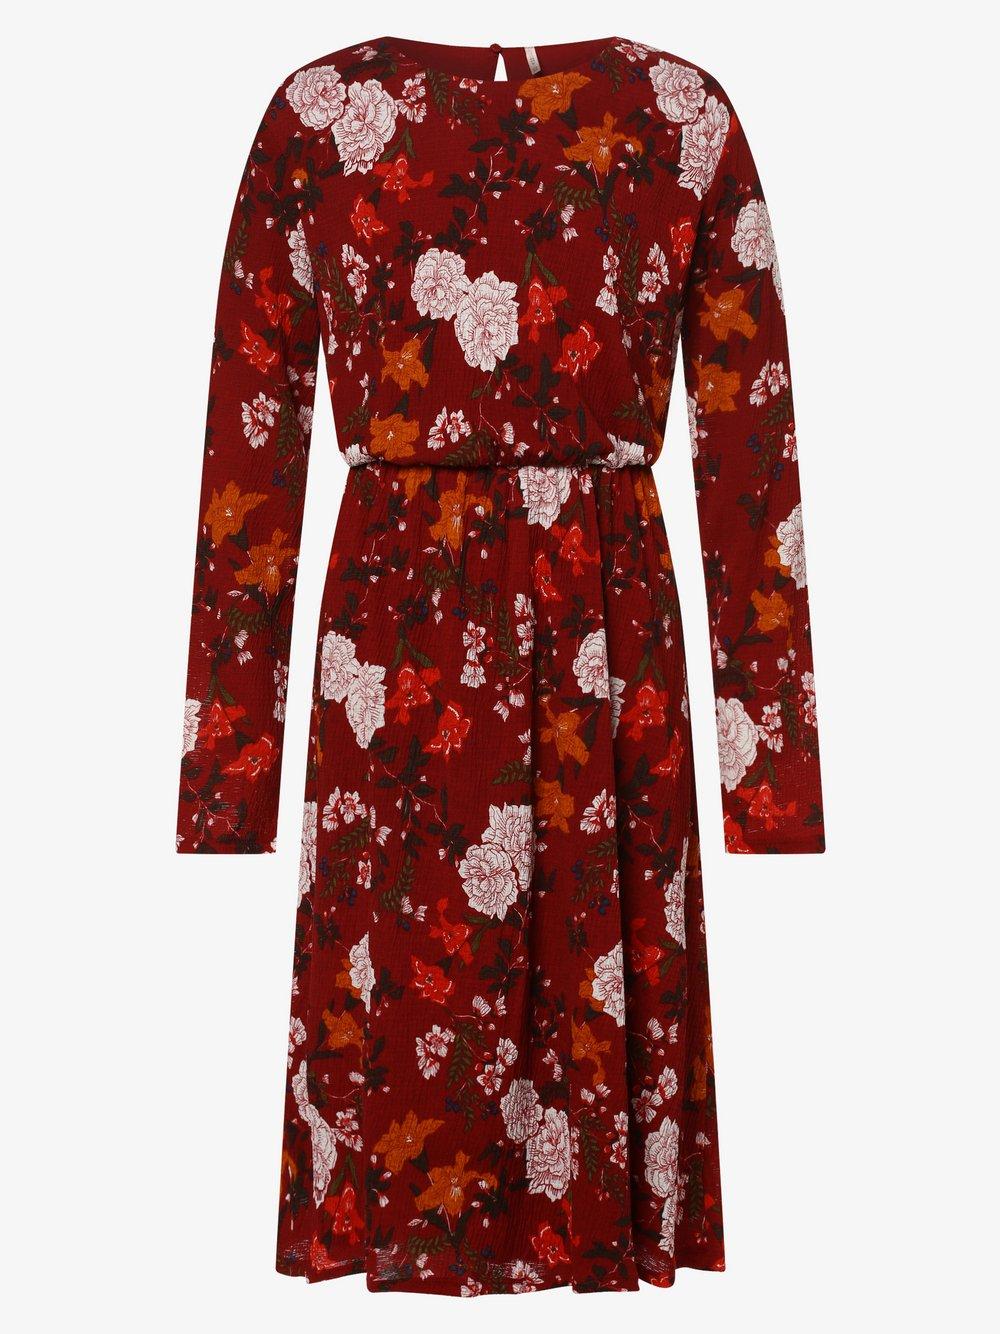 ONLY Mädchen Kleid   KONPella online kaufen   PEEK UND CLOPPENBURG.DE